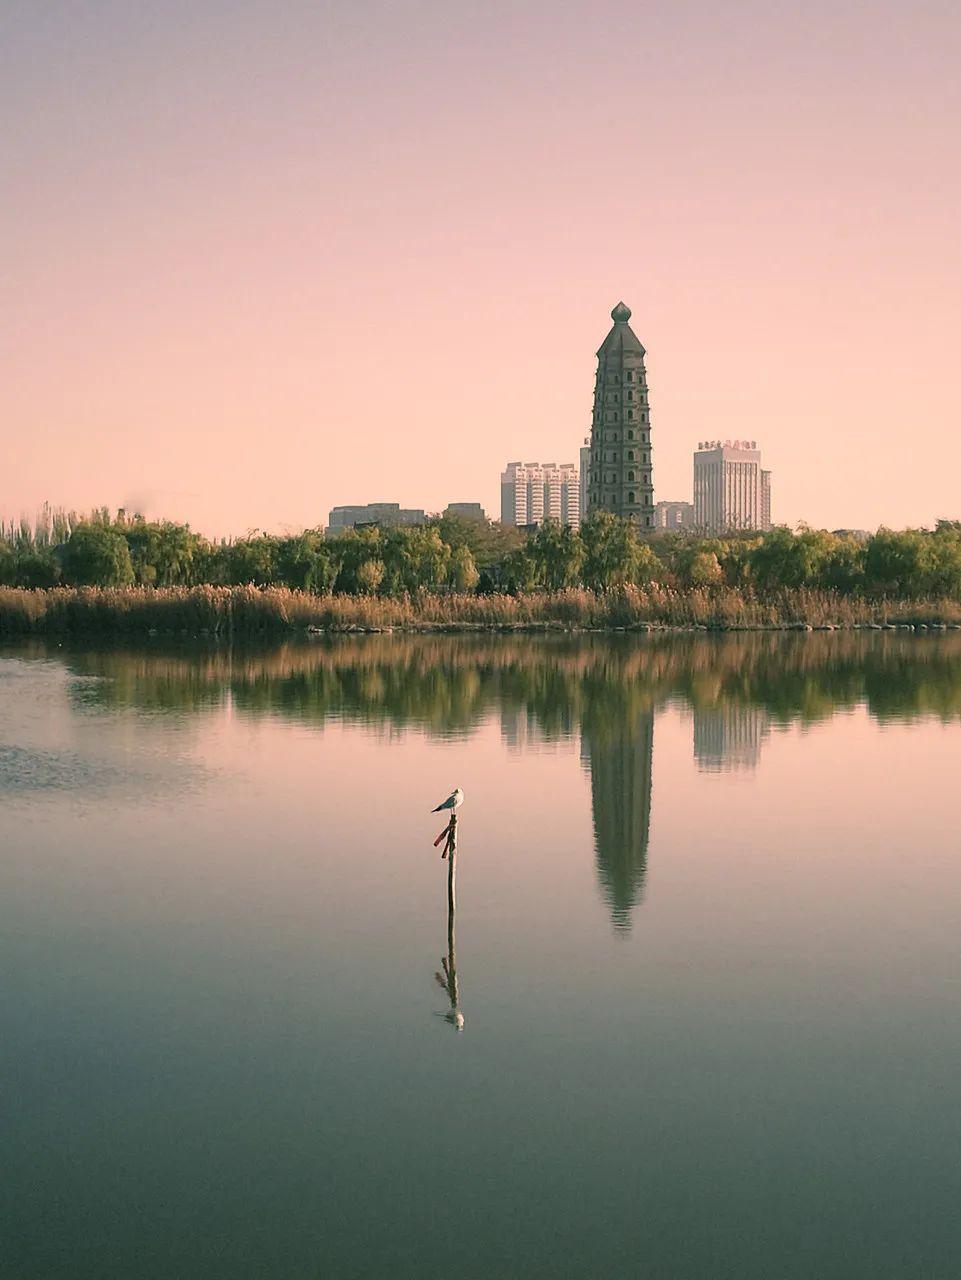 △塞上有湖城,不是每一个荒漠都有灌溉的运气,也不是每一个城市都有并蓄的勇气/图虫创意